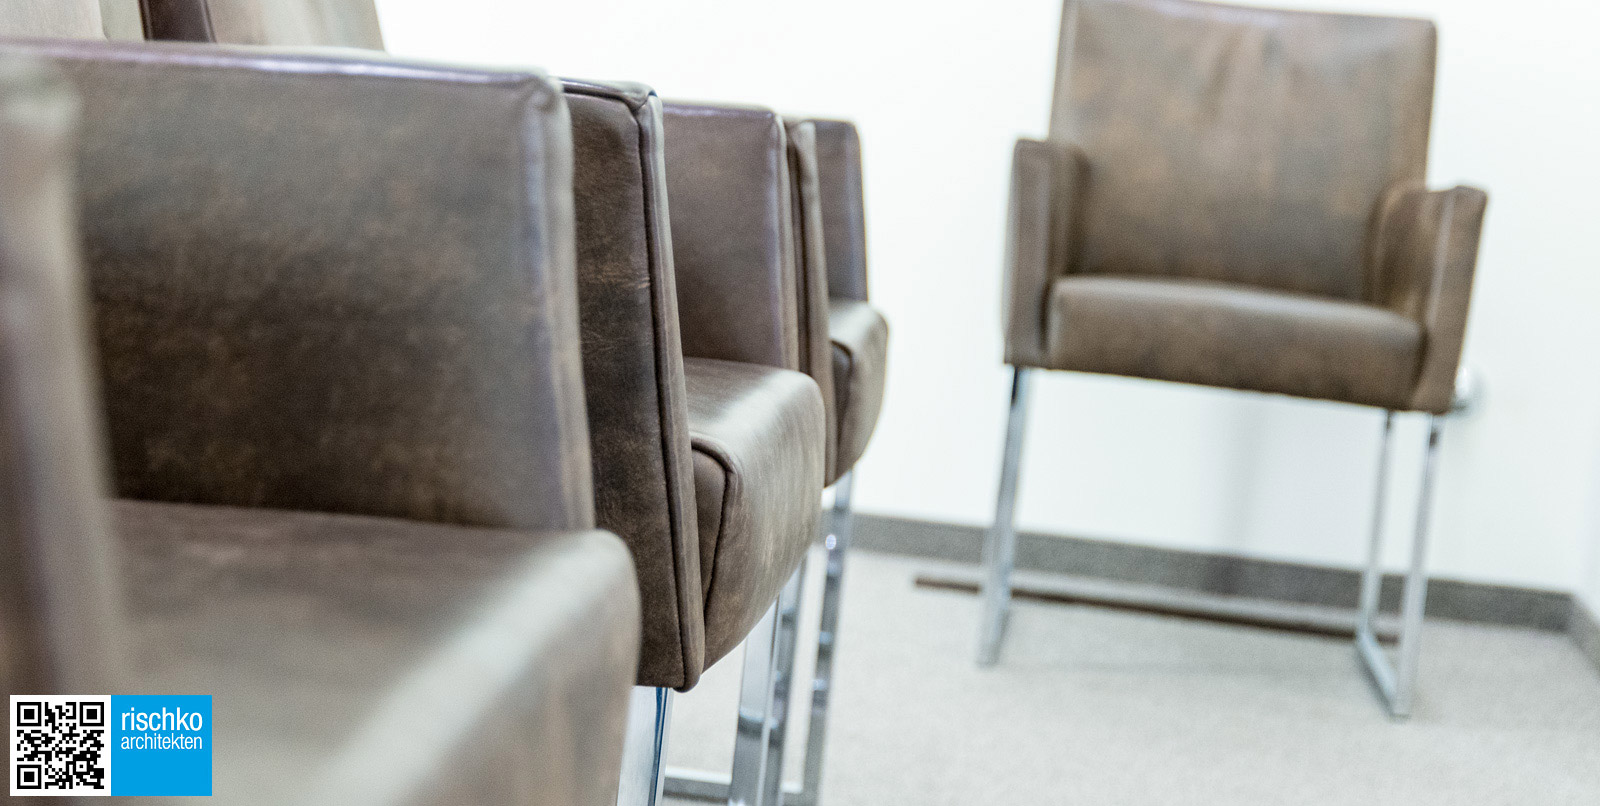 hno facharztpraxis d sseldorf schreinerei leber. Black Bedroom Furniture Sets. Home Design Ideas